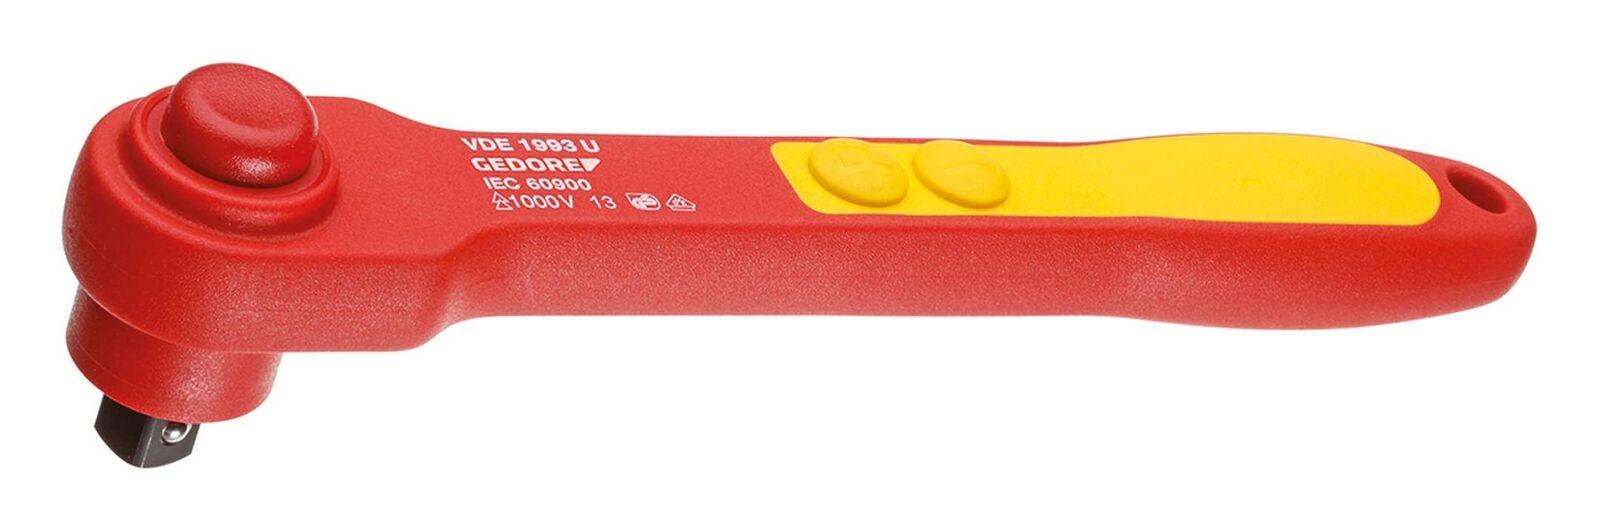 Gedore Umschaltknarre 1 2  Länge 270mm VDE - 6123910 | Attraktive Mode  | Moderate Kosten  | Niedrige Kosten  | Lebhaft und liebenswert